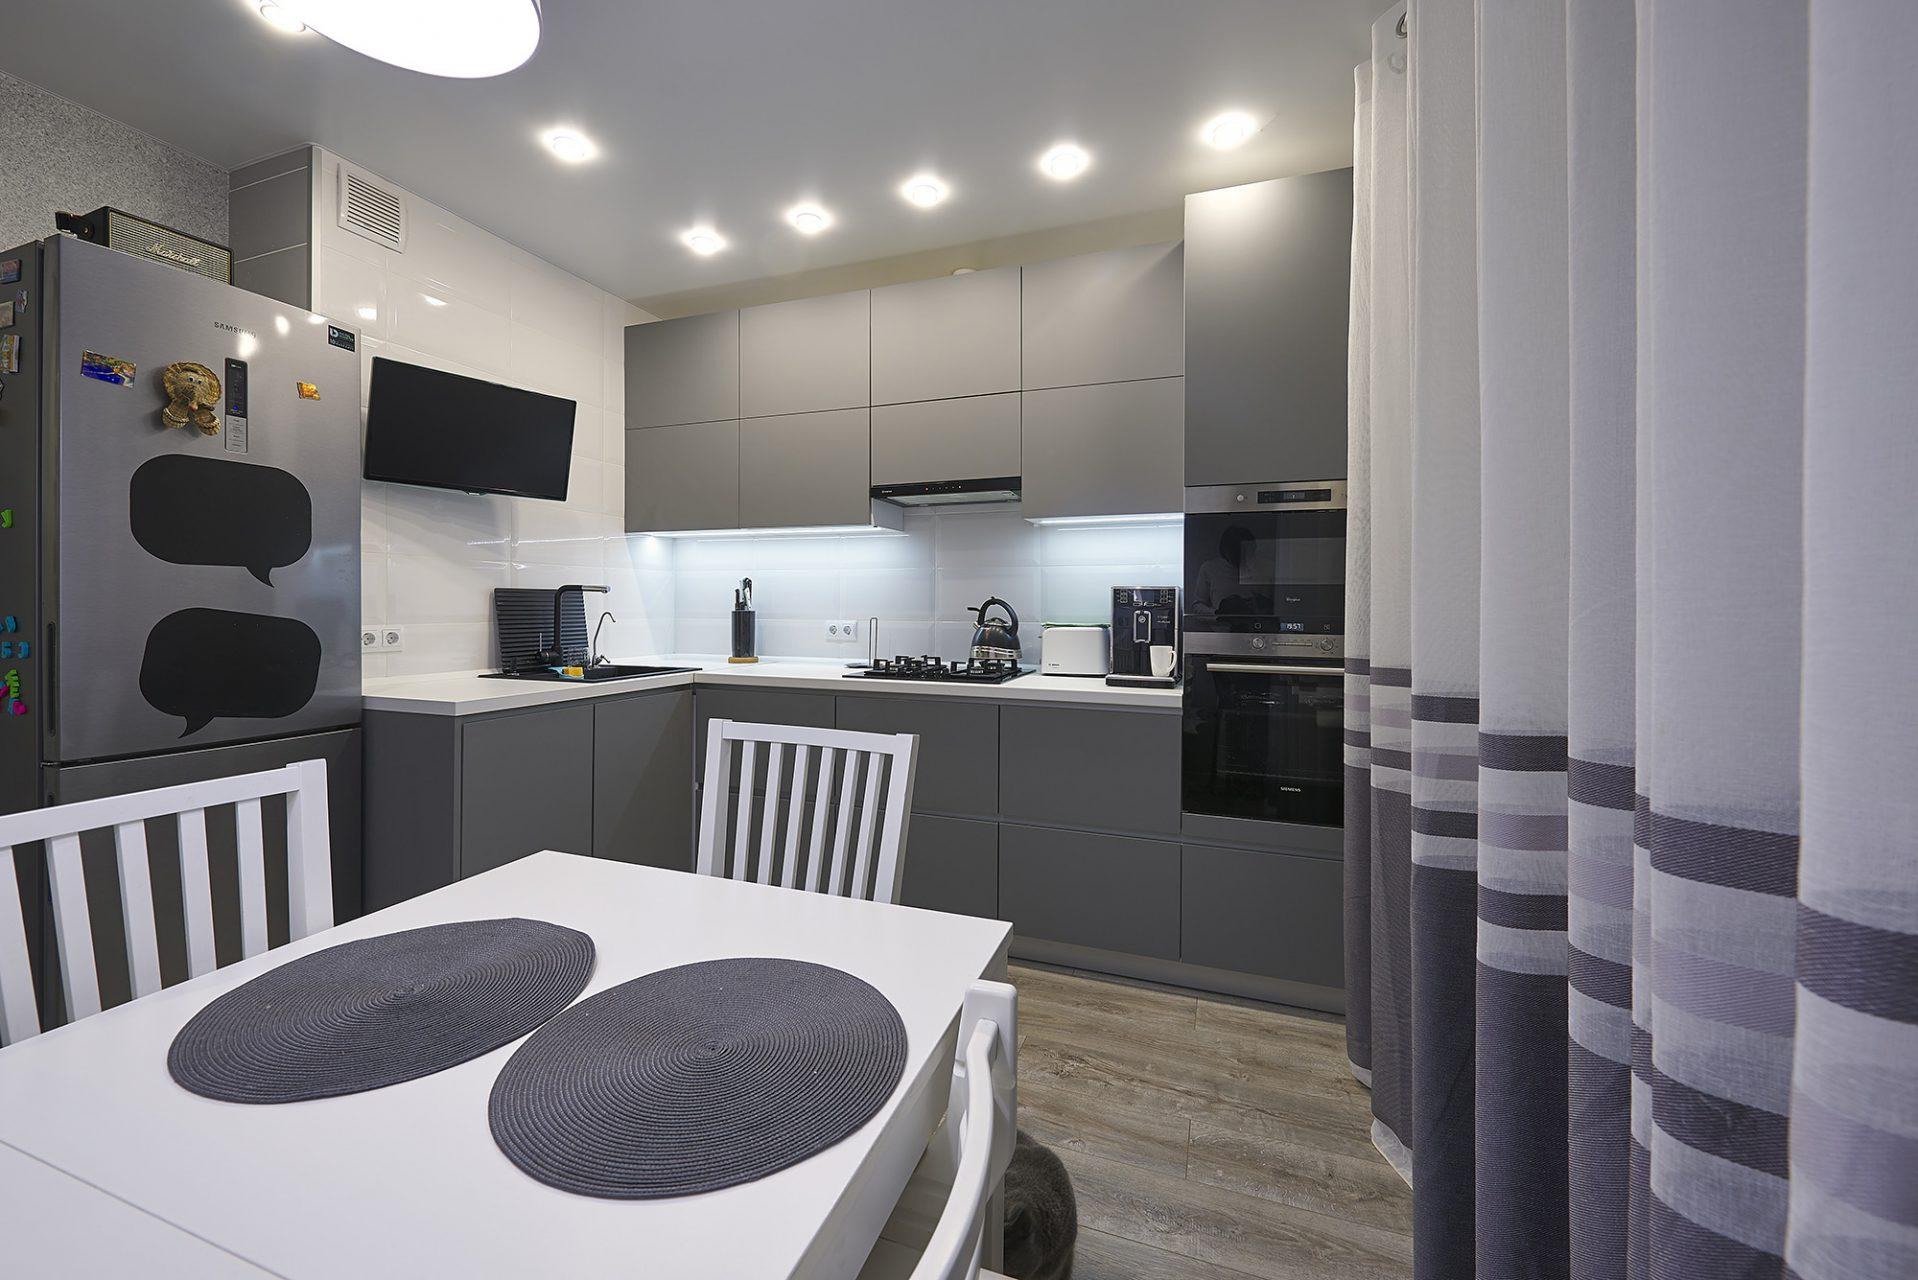 003_interior_kitchen5_korneychikeu